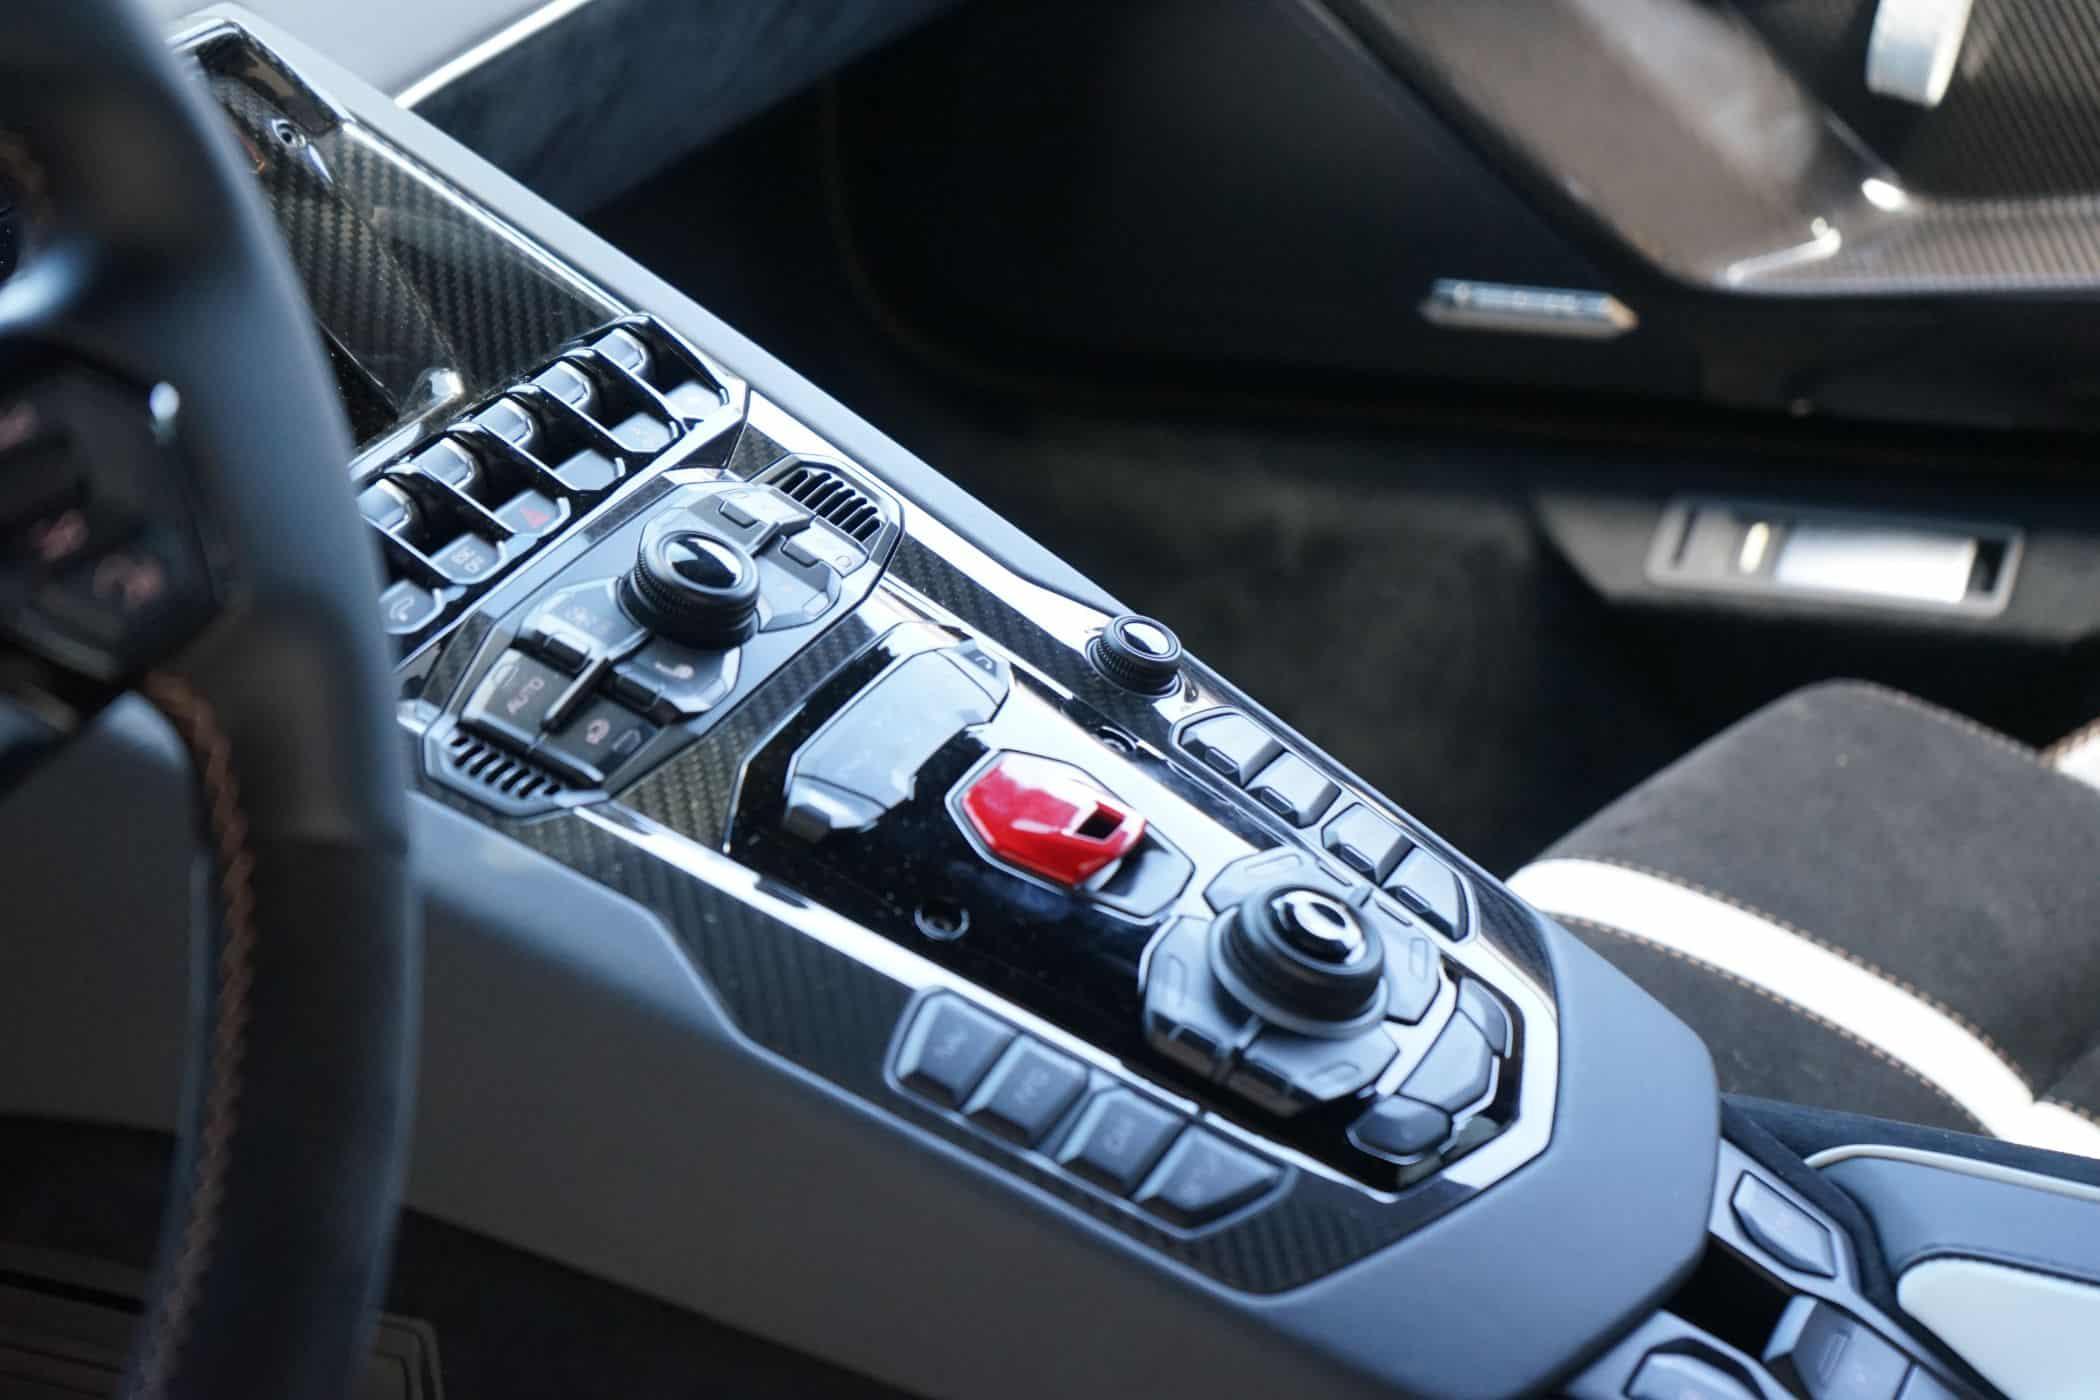 Lamborghini Aventador SVJ -Ein halbes Pferd je Kilogramm Auto